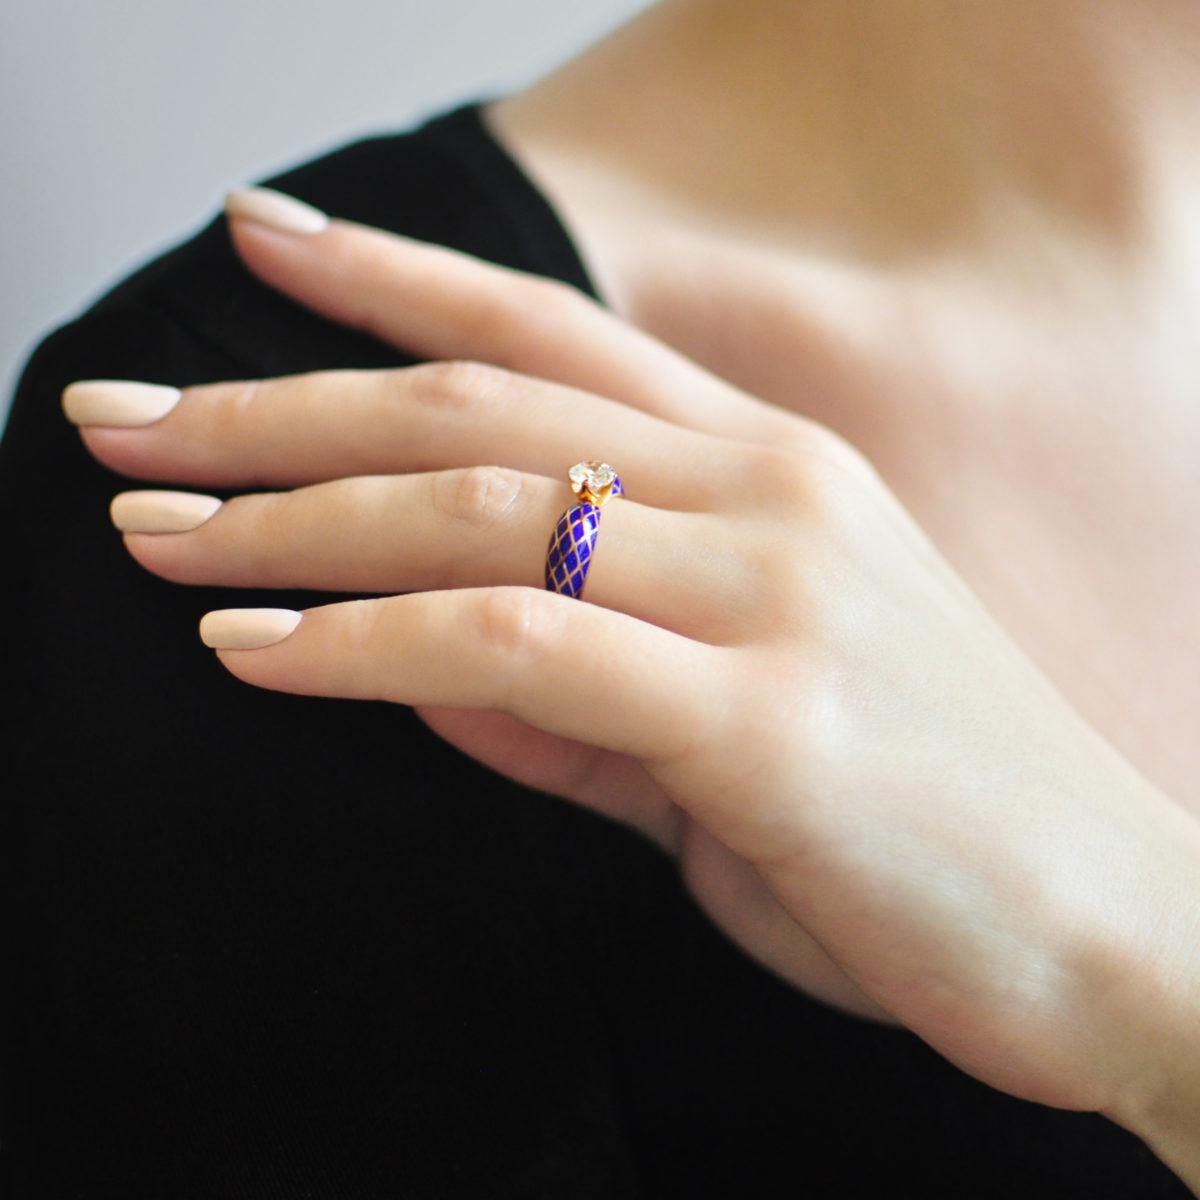 Zolochenie sinyaya 19 1200x1200 - Кольцо из серебра «Сердце» (золочение), синее с фианитами